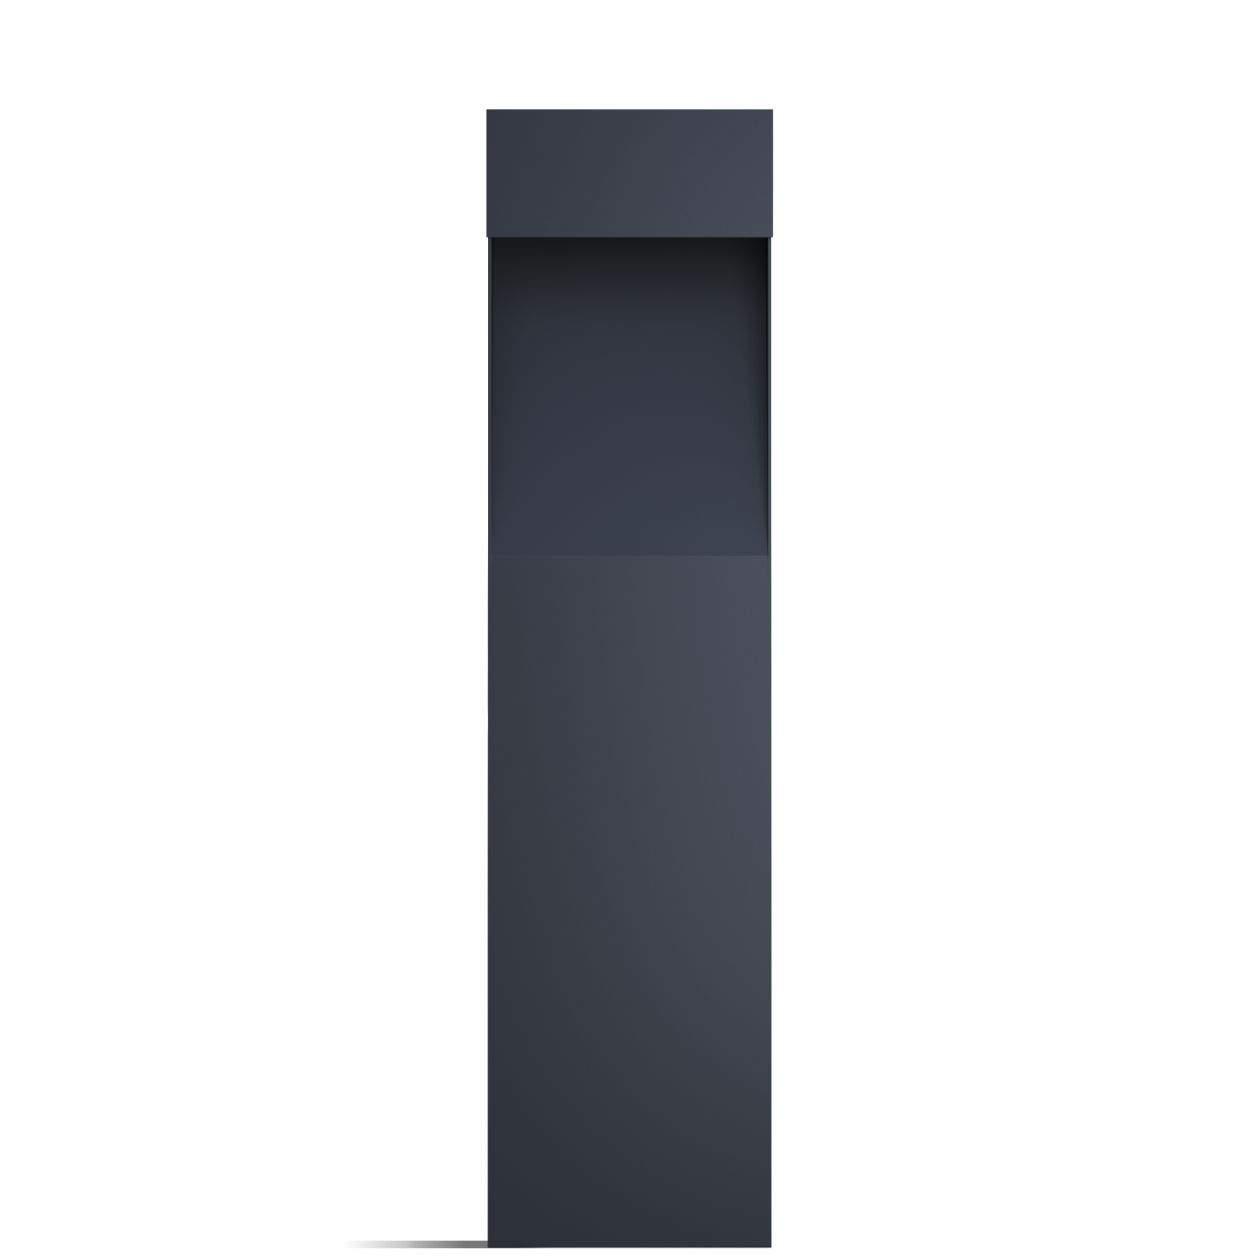 Leuchte Design Aussenleuchte Maxi Bloc Schwarz 1